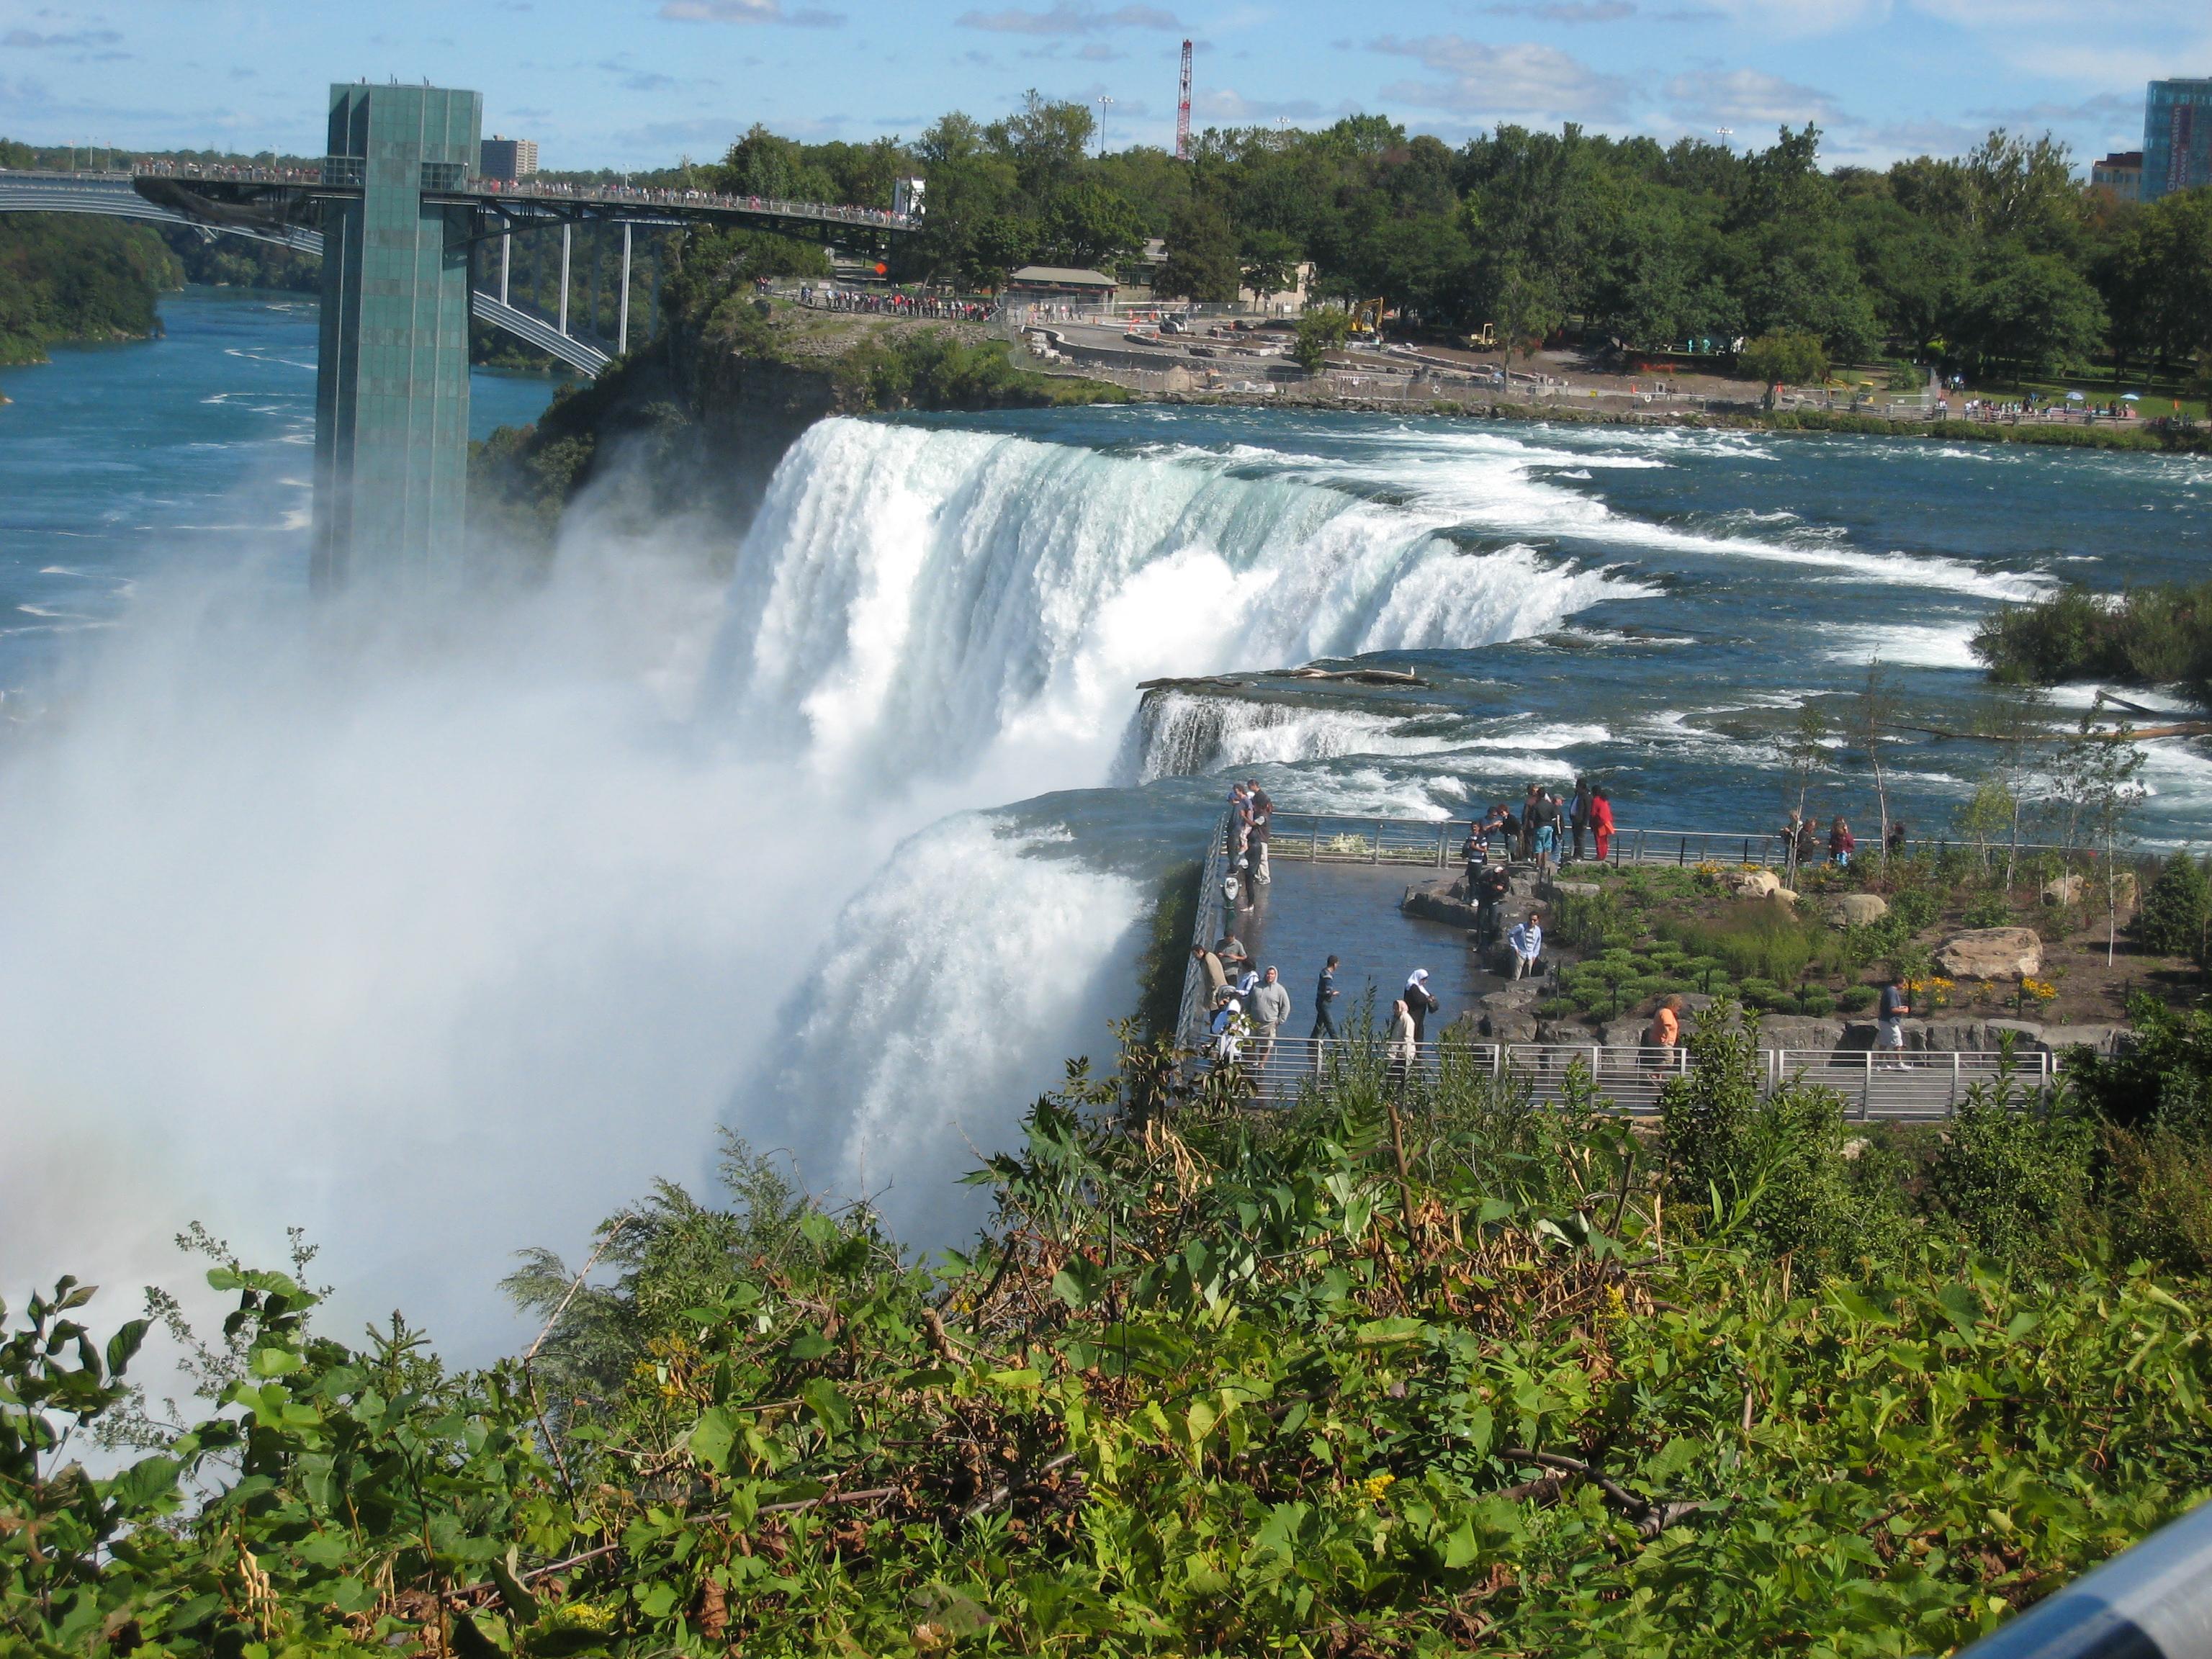 Водопад и башня со смотровой площадкой над рекой